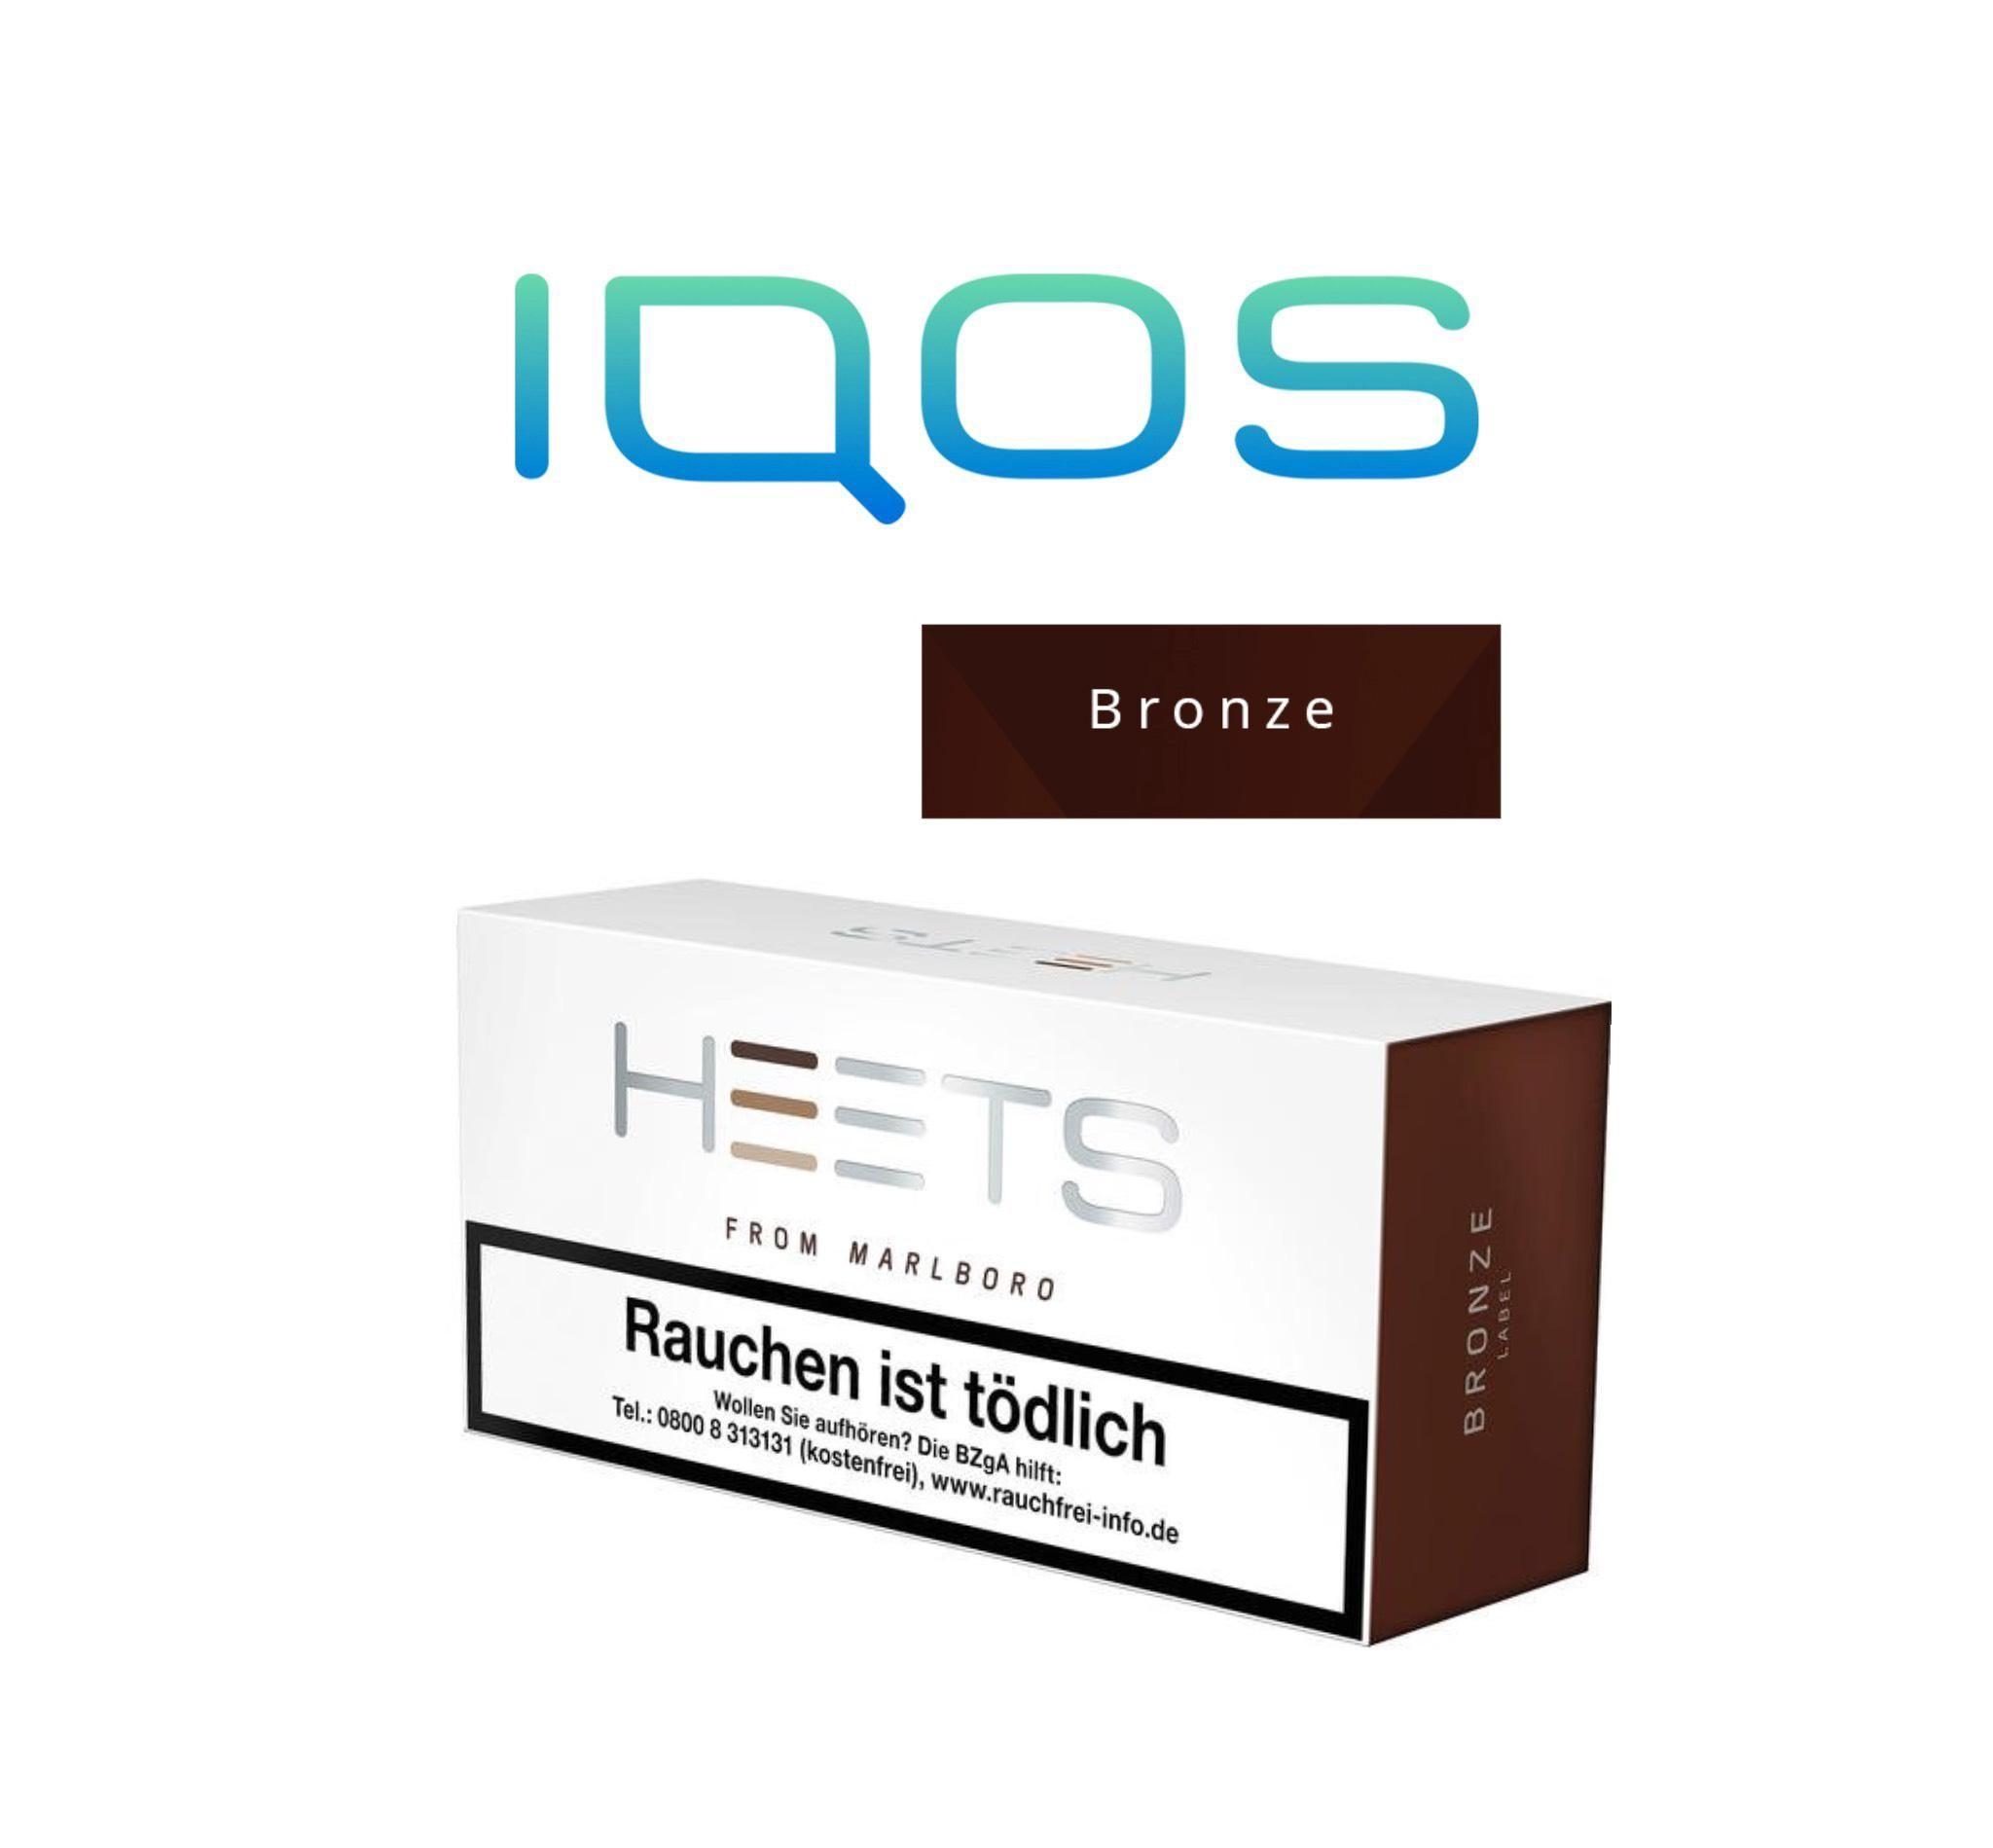 Iqos heets bronze label